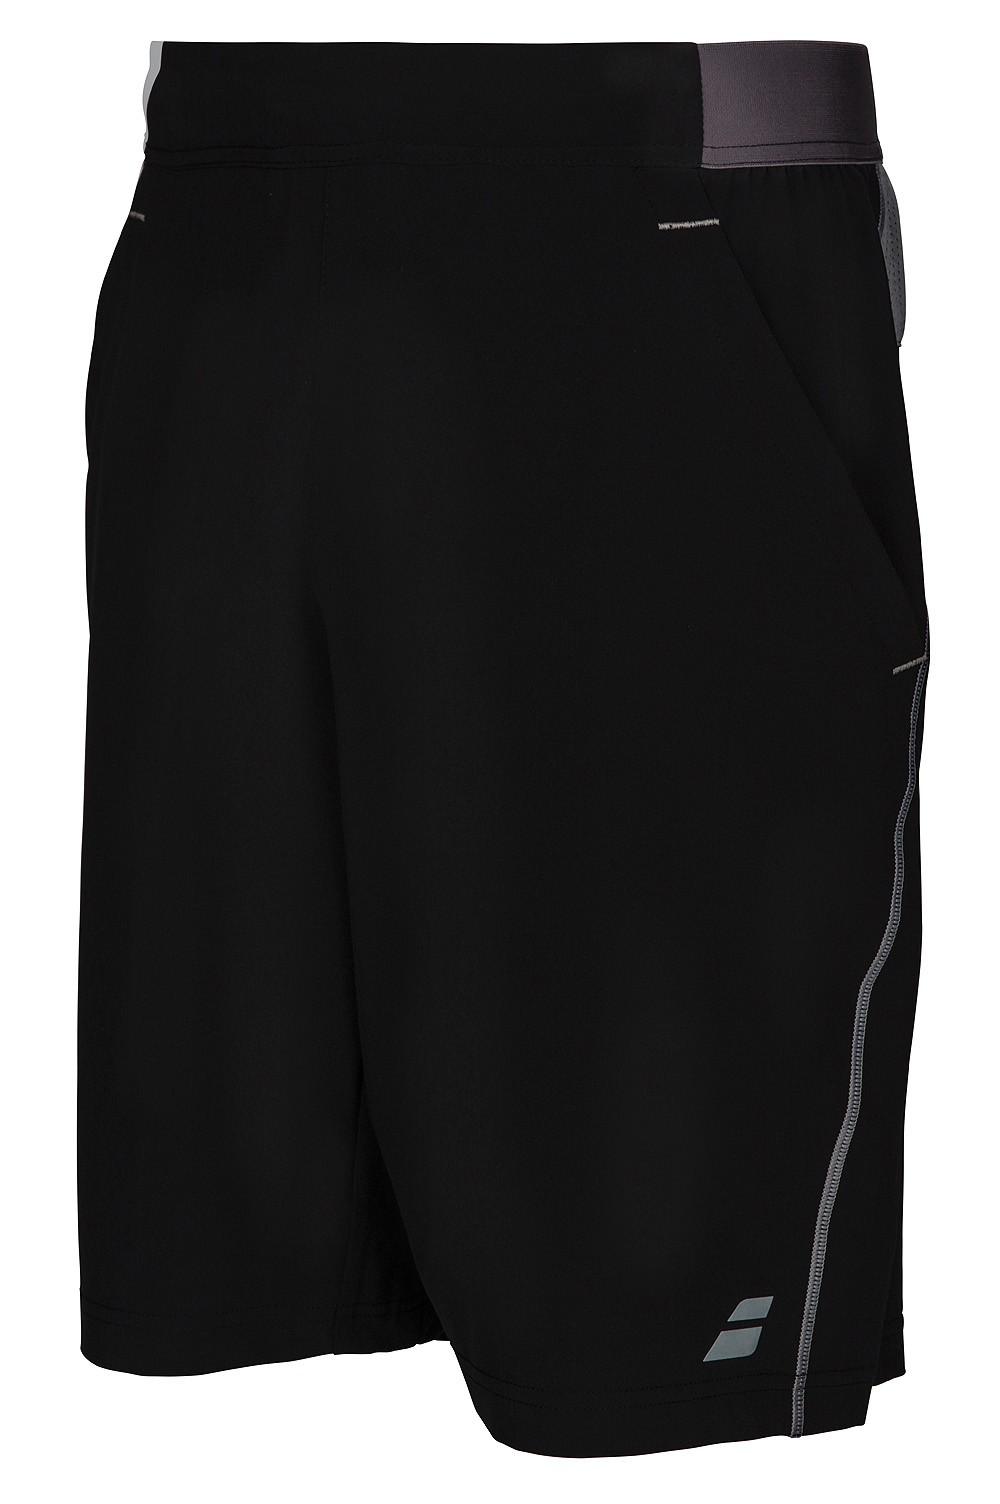 Spodenki tenisowe Babolat Performance Short XLong Black